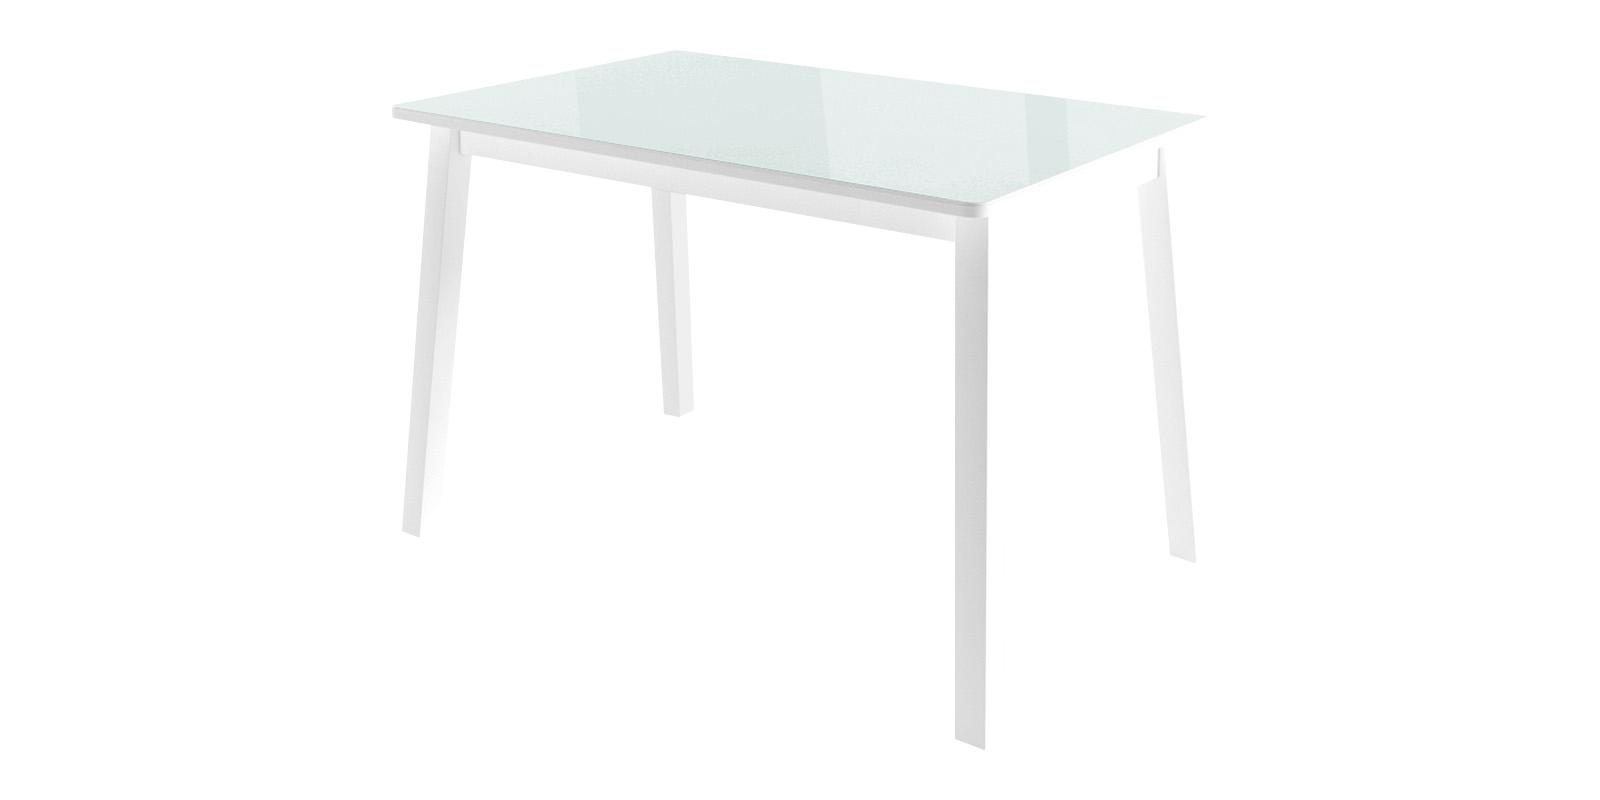 Обеденный стол Тирк 2 (белый)